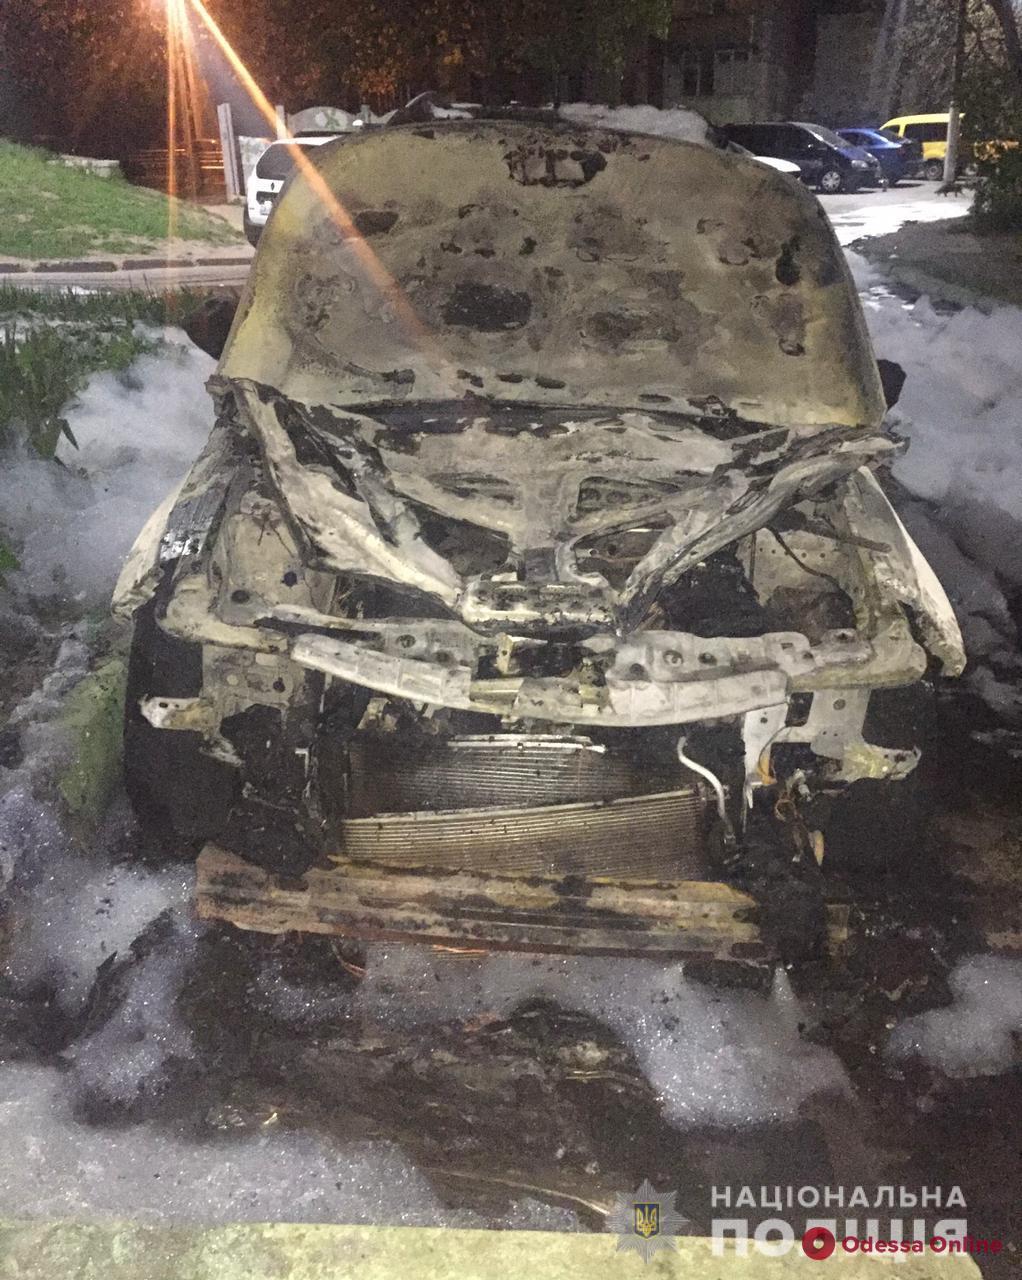 Ночной пожар в Черноморске: полиция расследует обстоятельства поджога двух авто